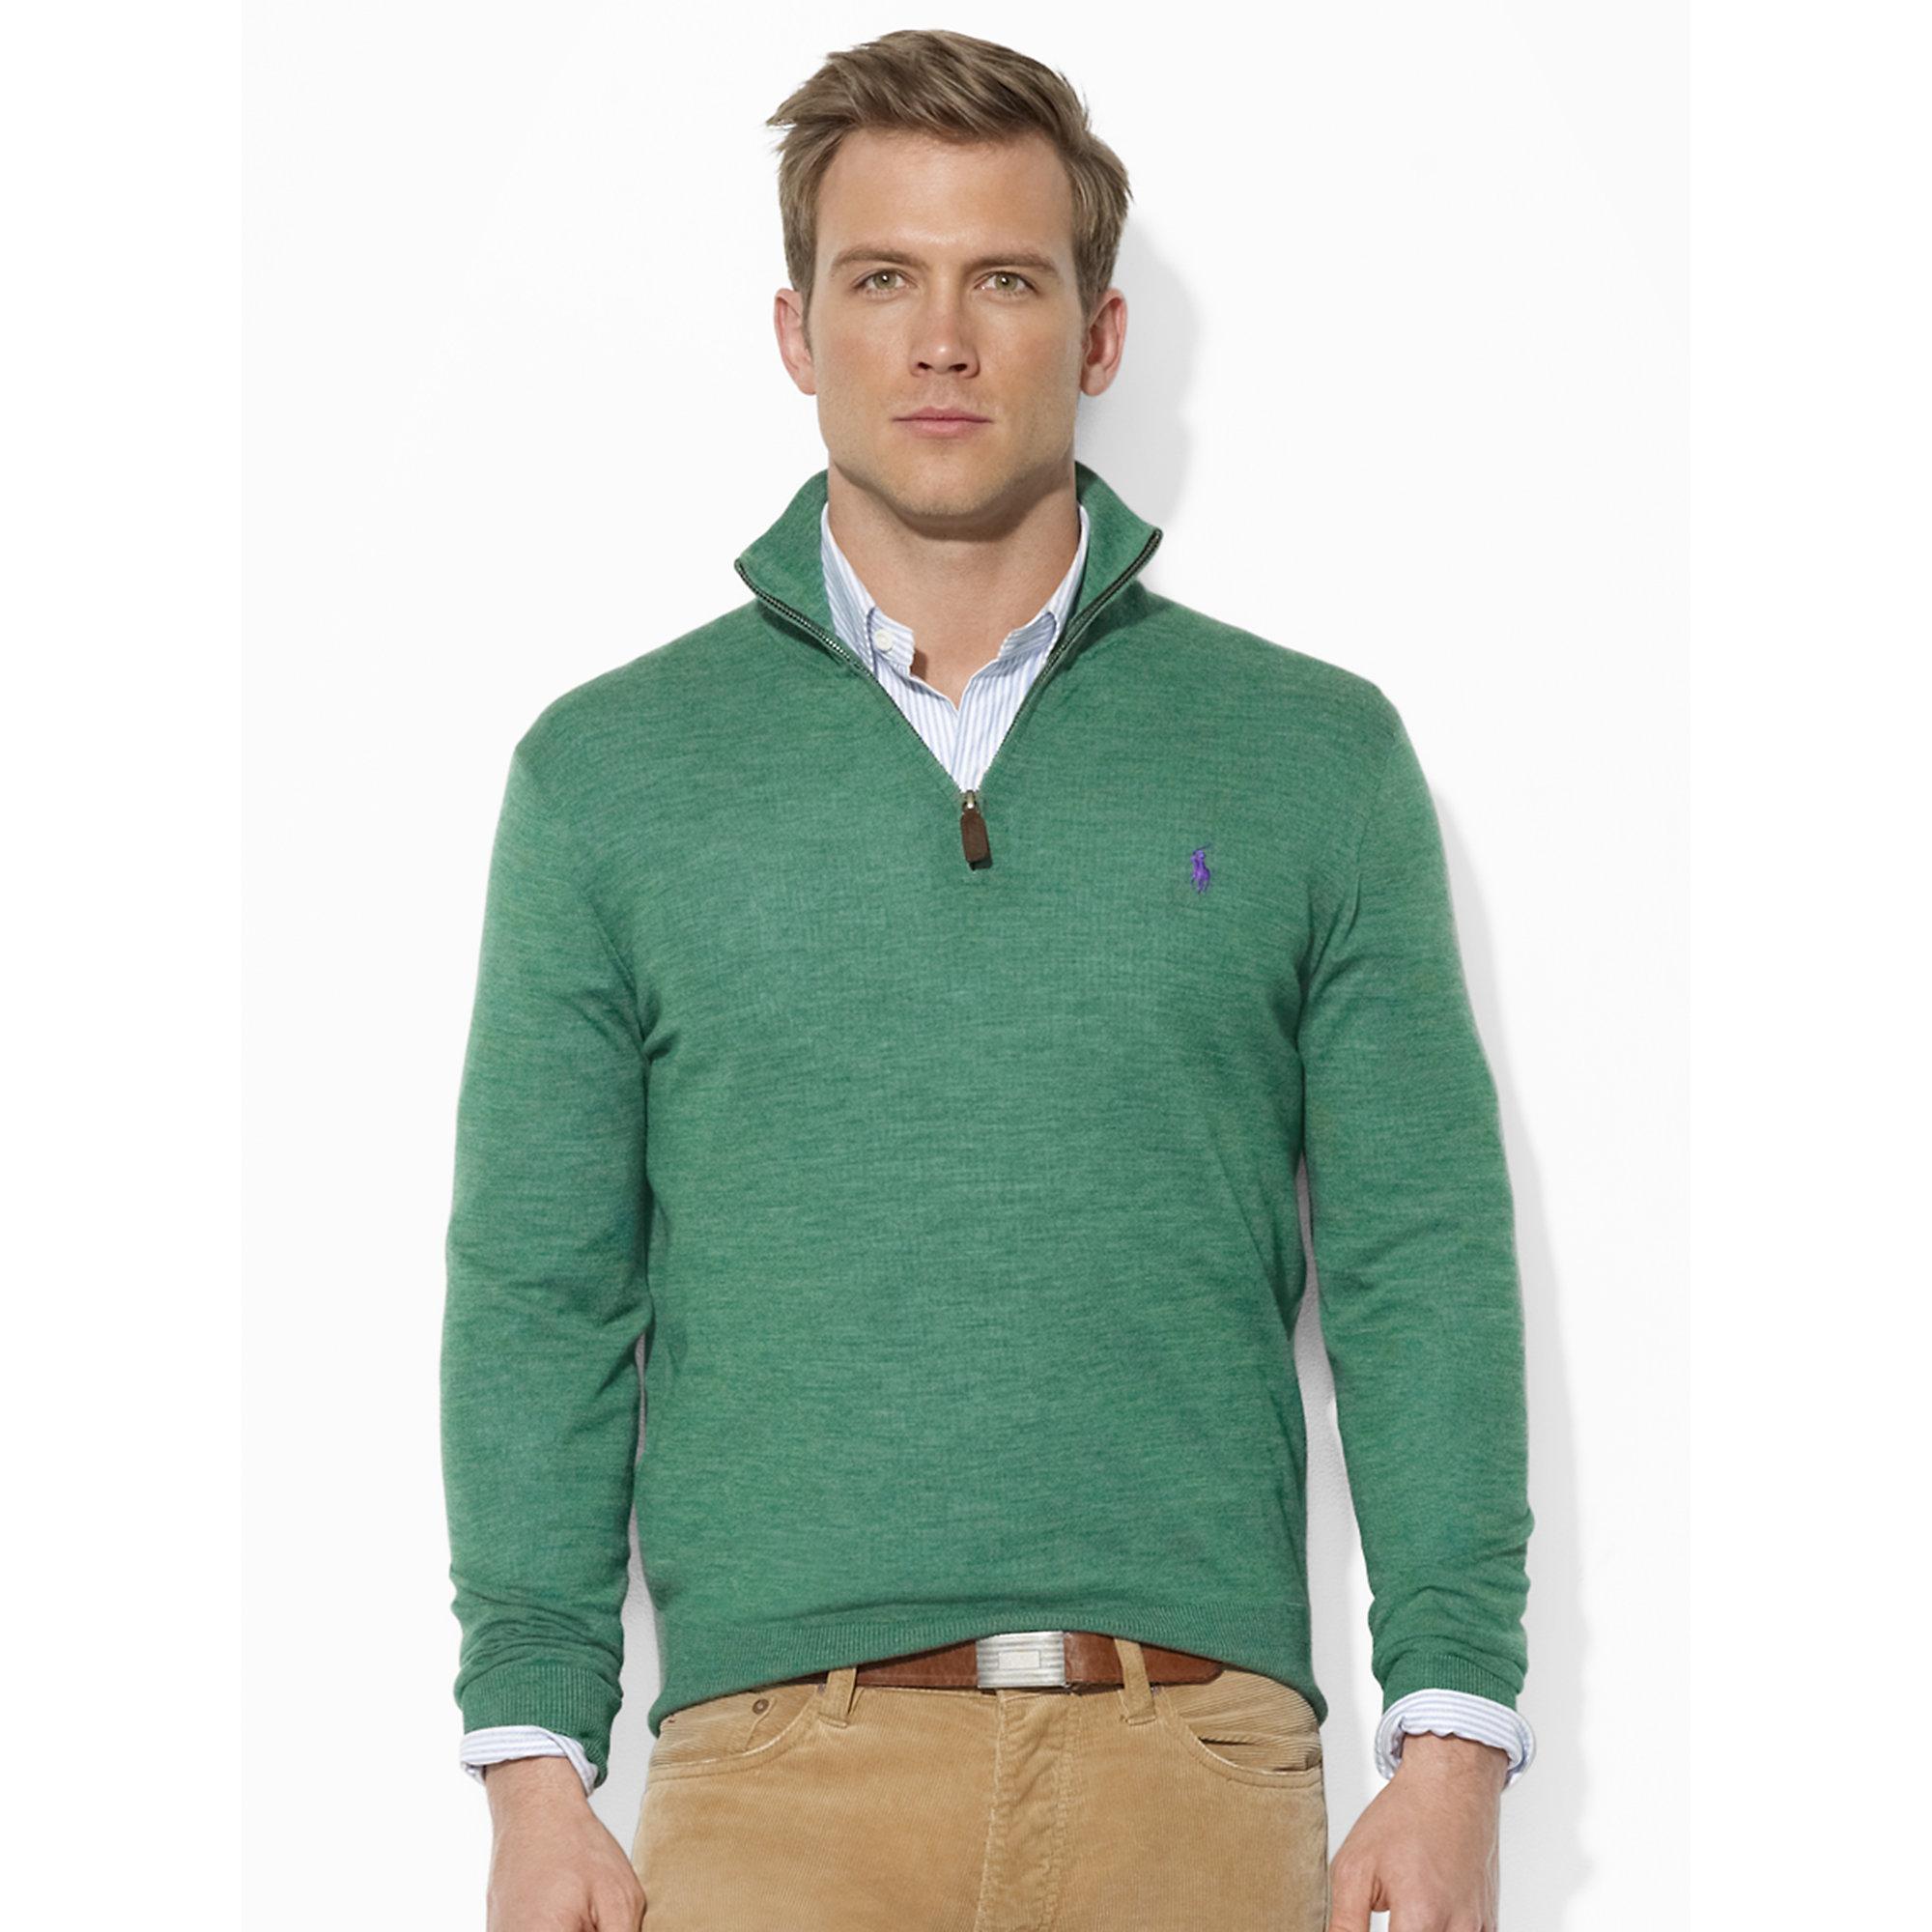 Lyst Polo Ralph Lauren Merino Wool Half Zip Sweater In Green For Men